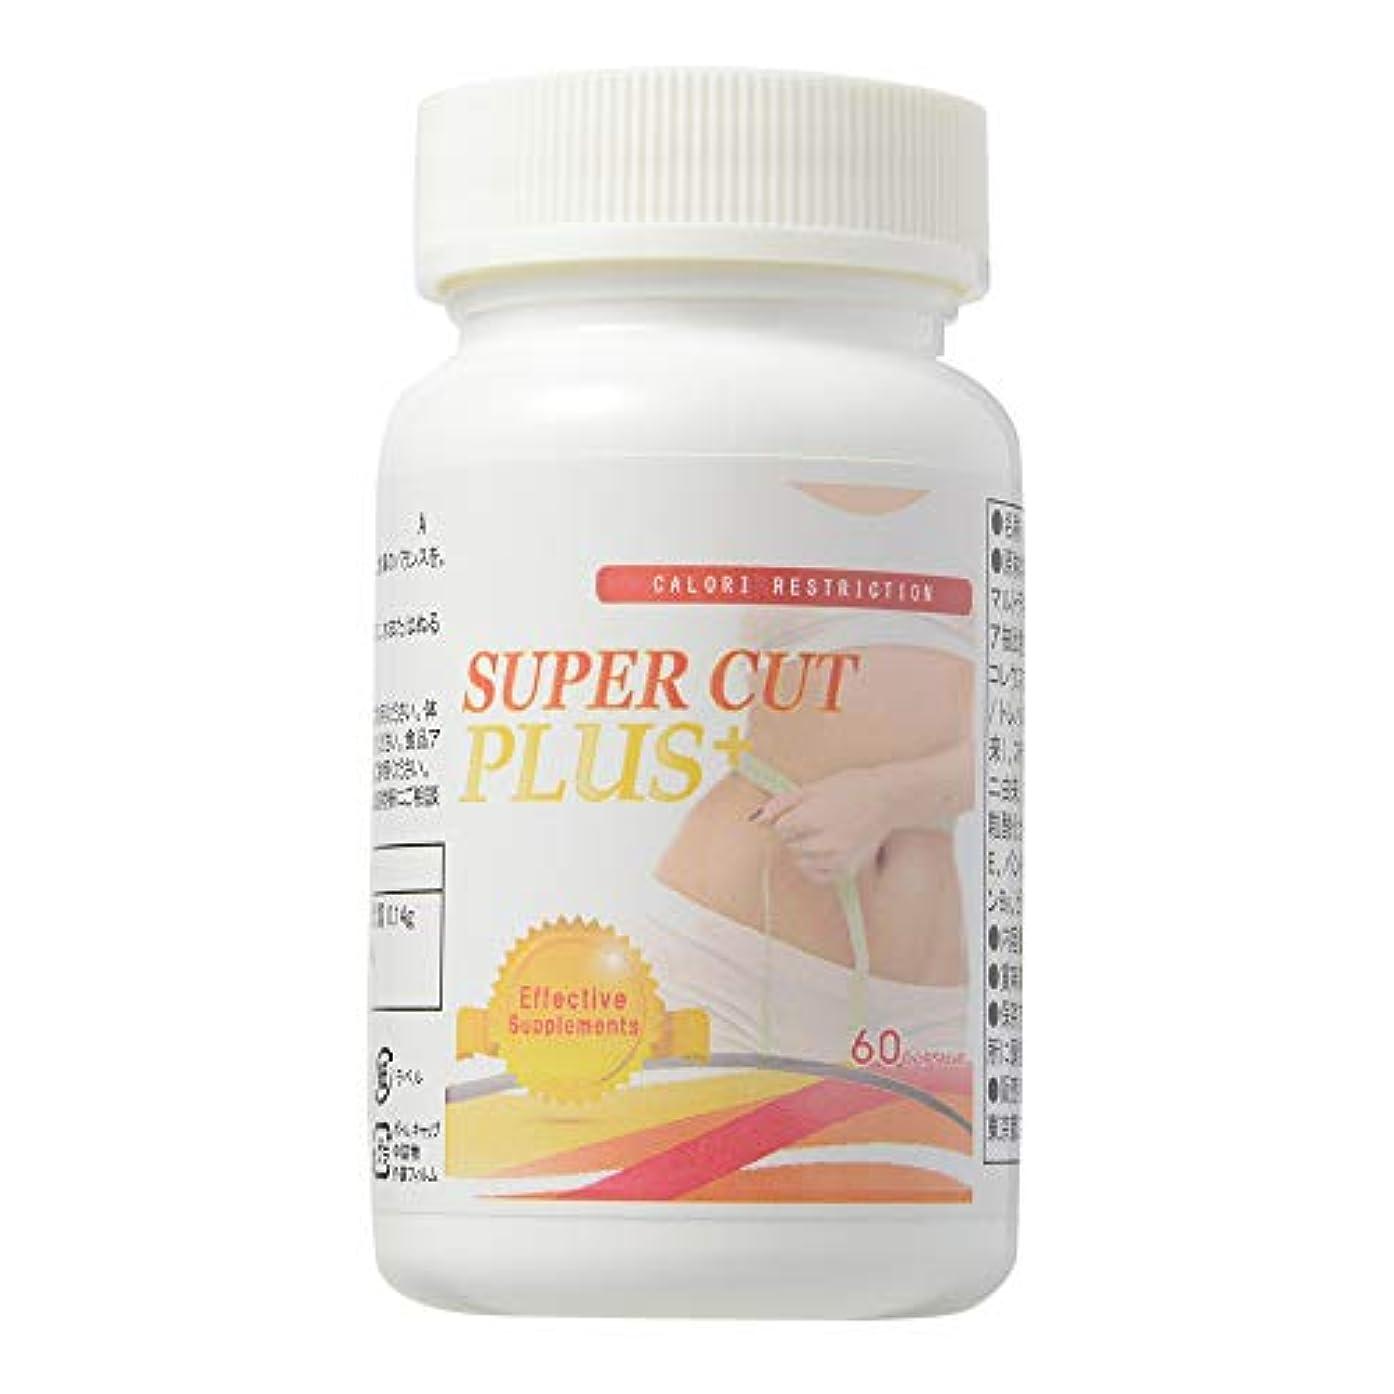 記録焦げ増幅SUPER CUT PLUS+ ダイエット (ダイエット サプリ) 栄養補助食品 スリム スキンケア 女性 美容 サプリメント [350mg×60粒/ 説明書付き]